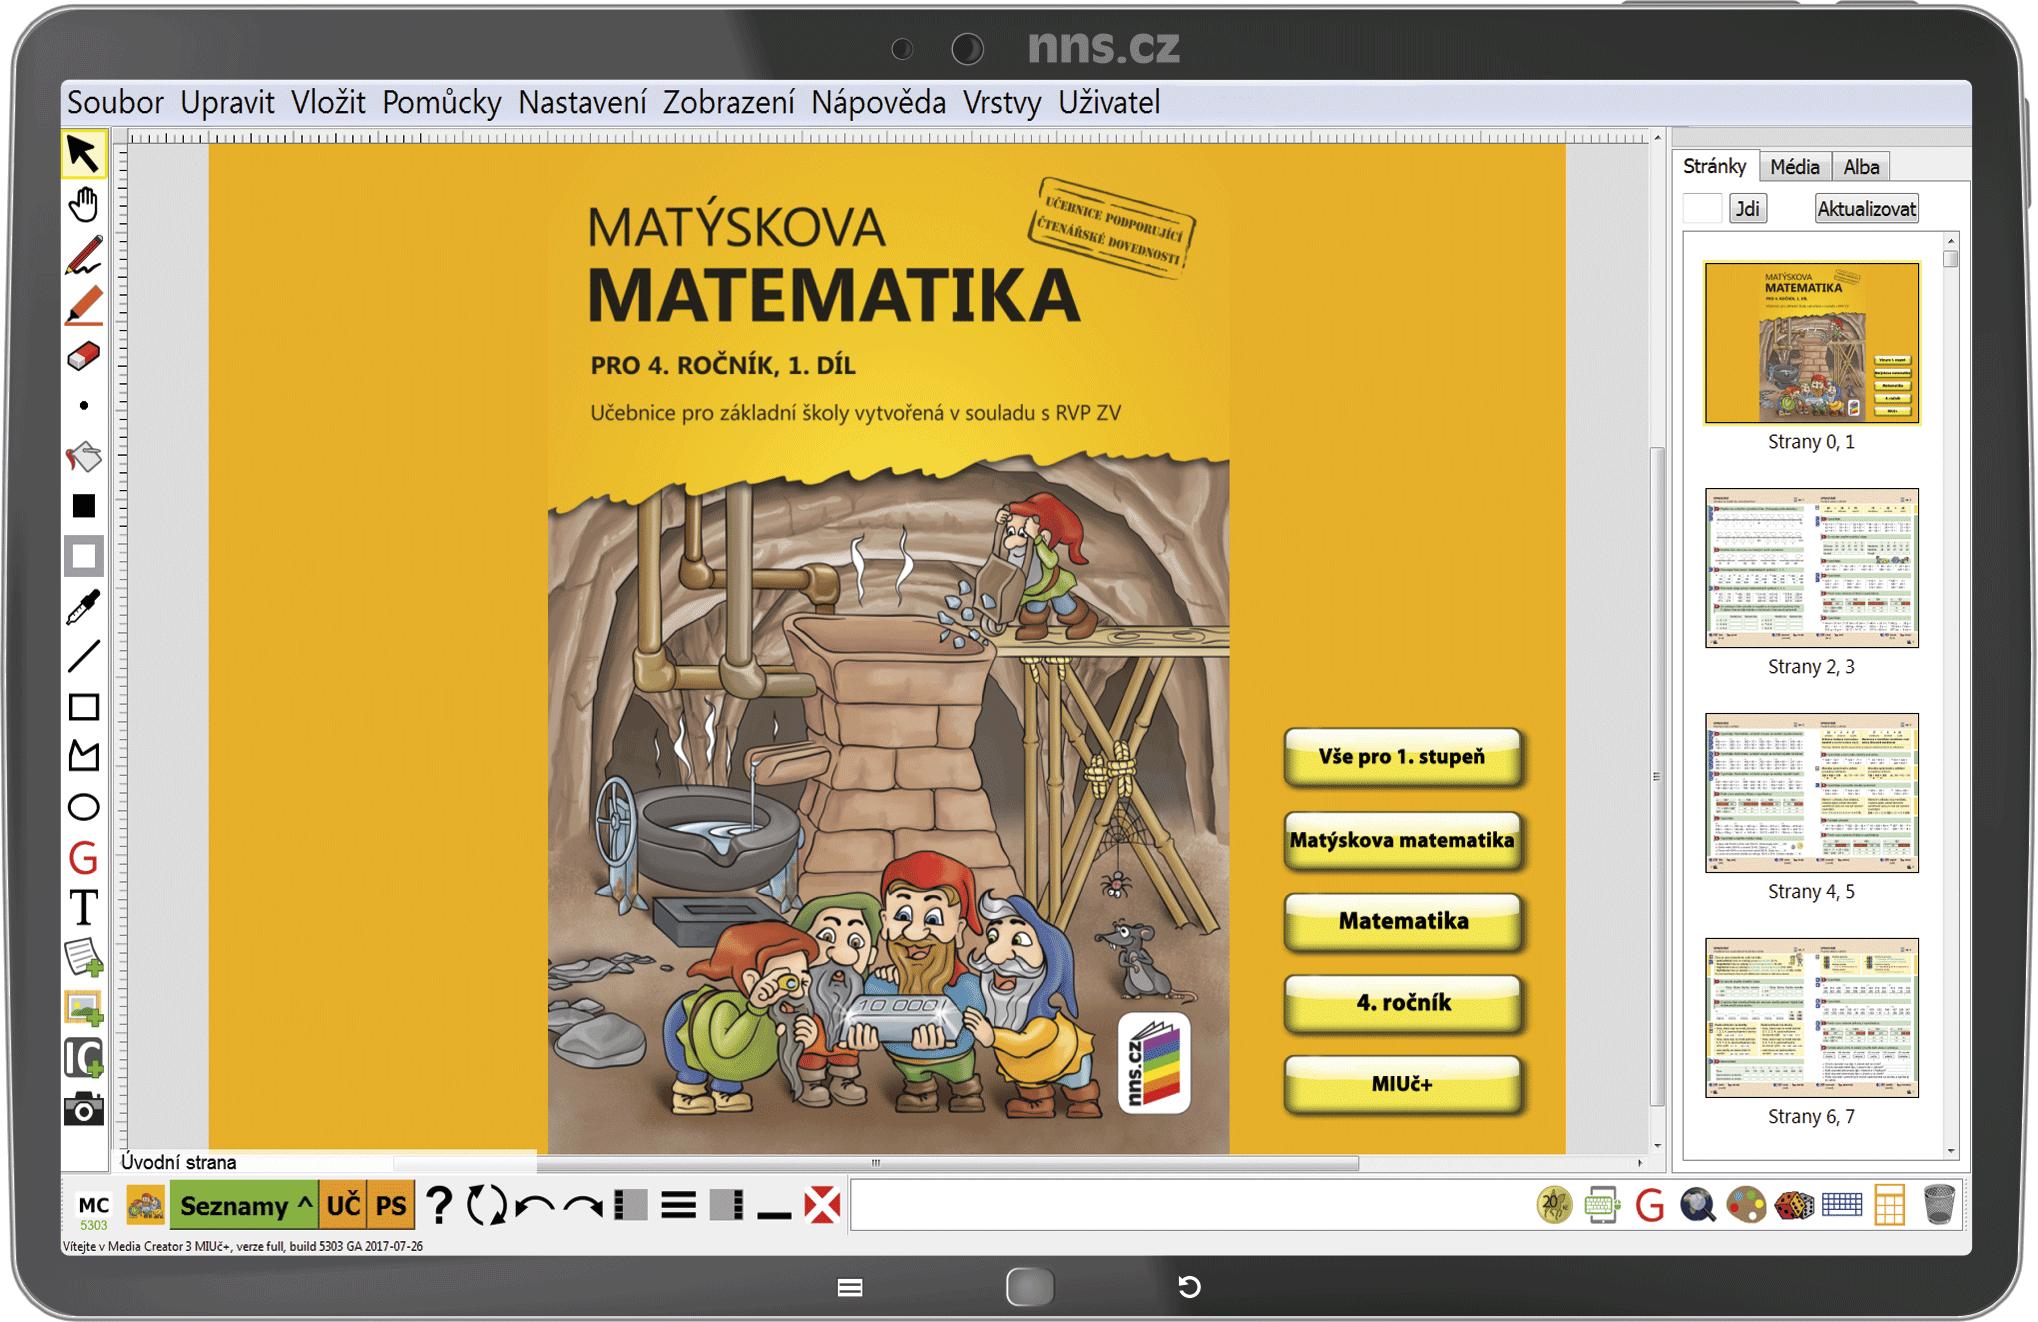 MIUč+ Matýskova matematika 4 (1. díl, 2. díl. a geometrie) šk. multilicence na 1 šk. rok NOVINKA